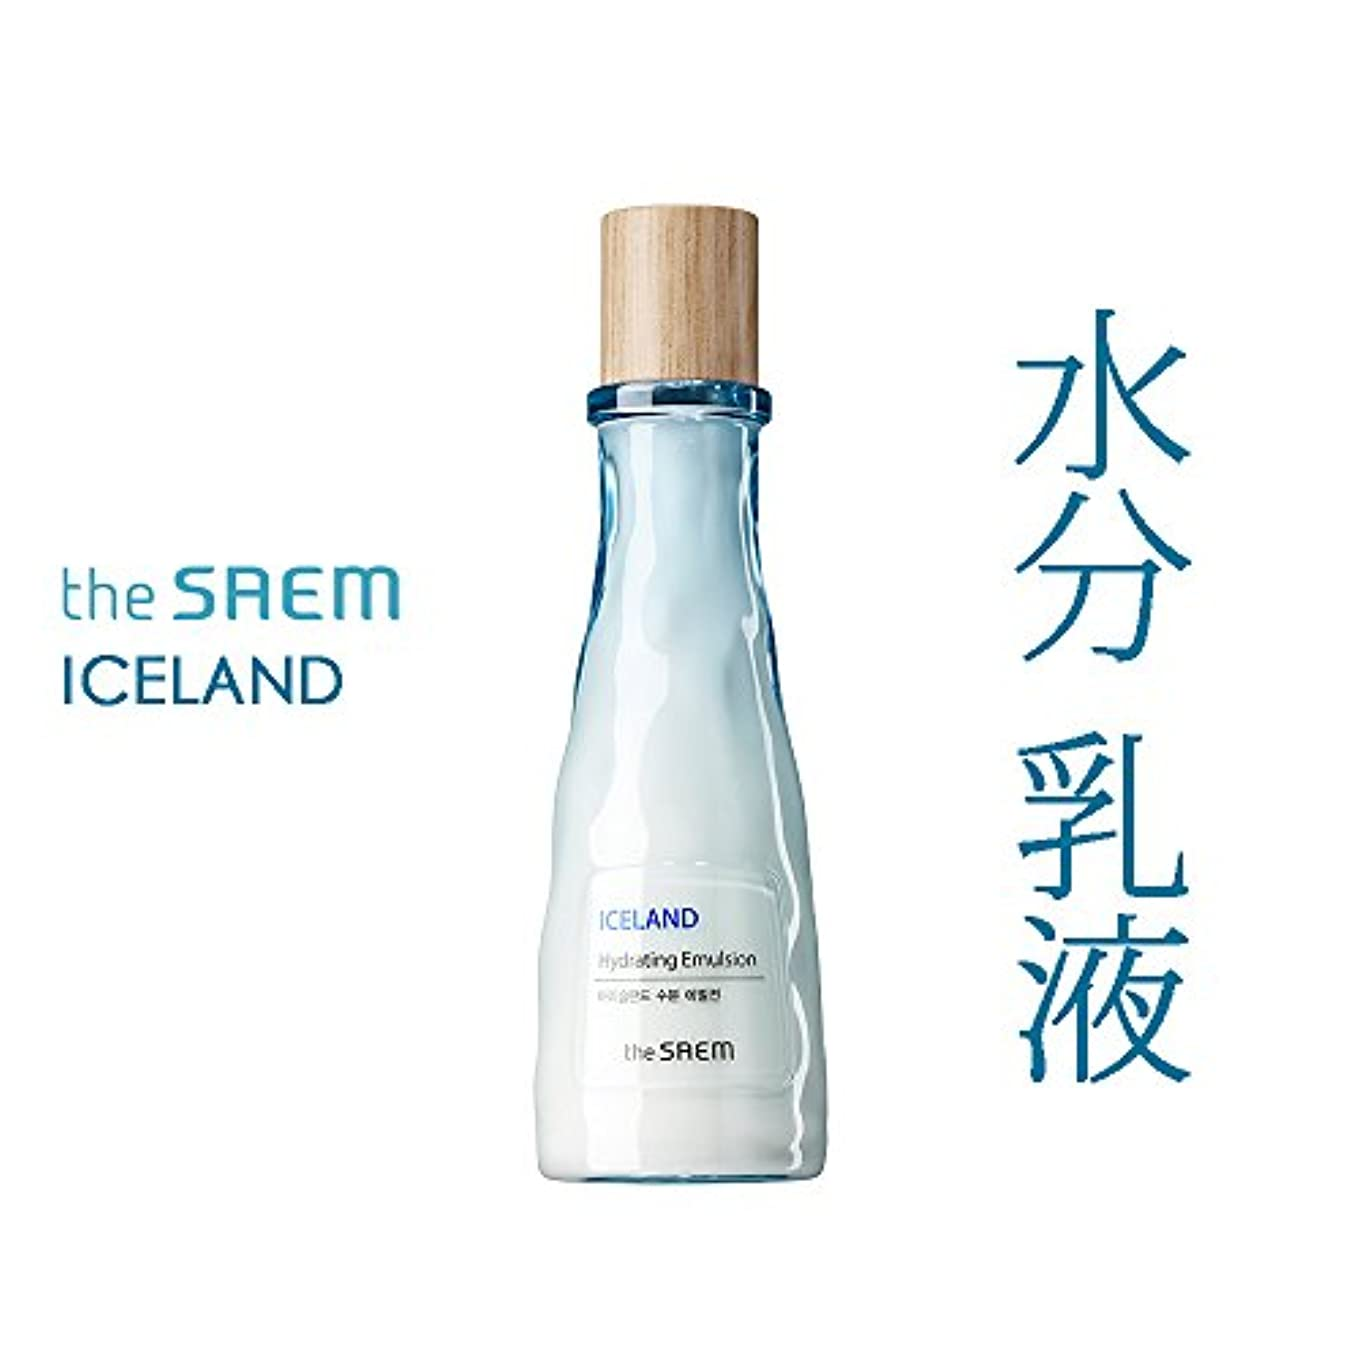 すすり泣きヘクタール迅速ザ セム The saem アイスランド 水分 乳液 The Saem Iceland Hydrating E mulsion 140ml